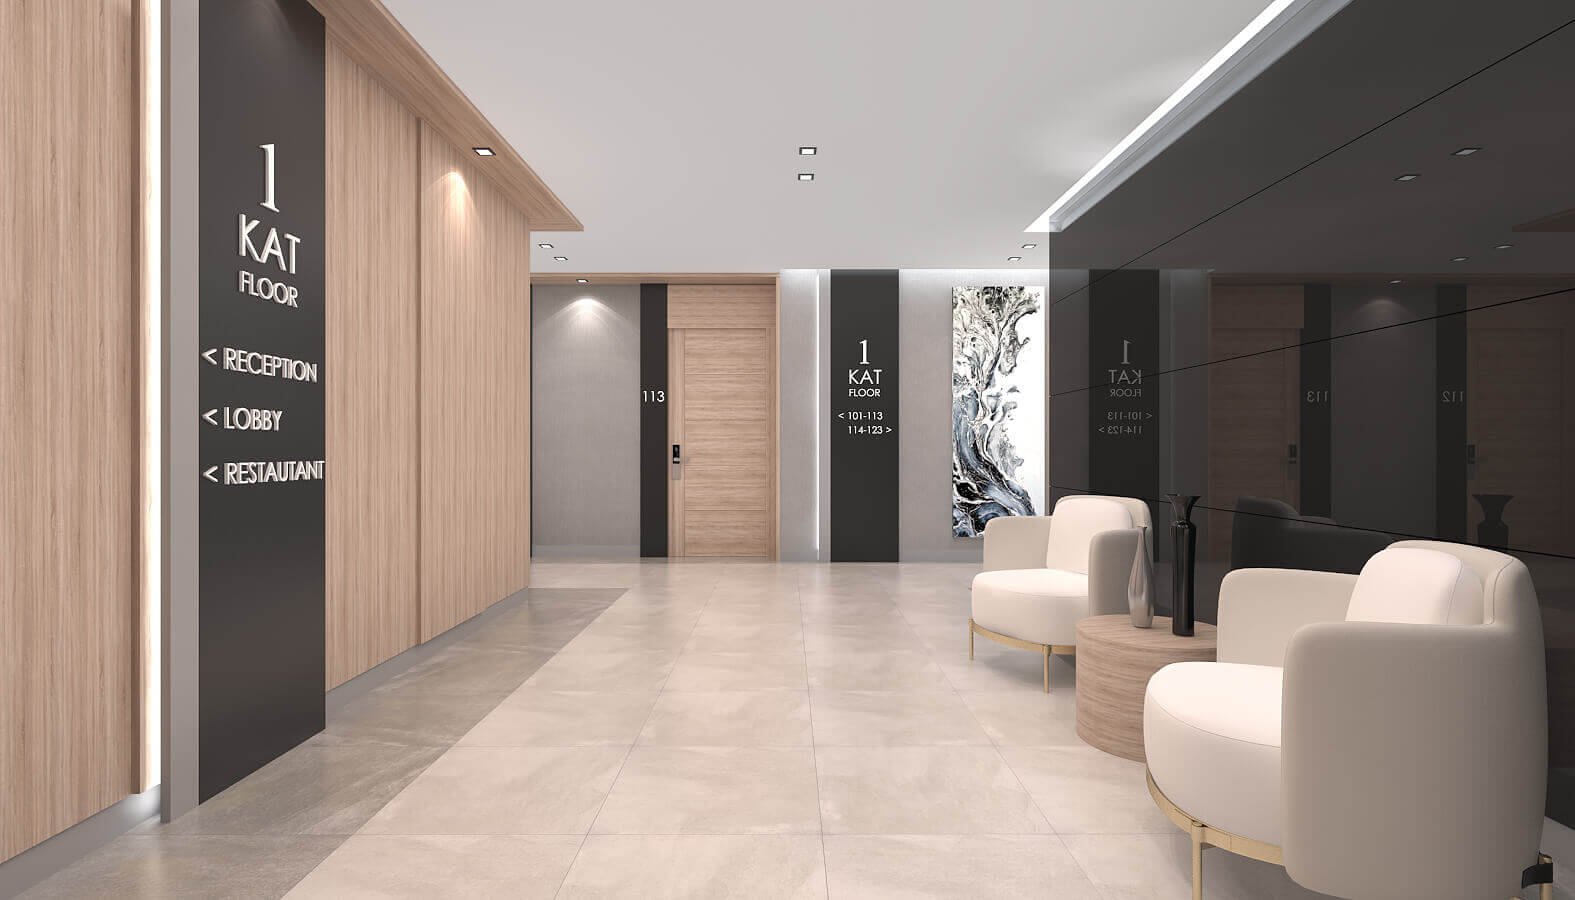 hotel architect 3598 Dogruer hotel Hotels